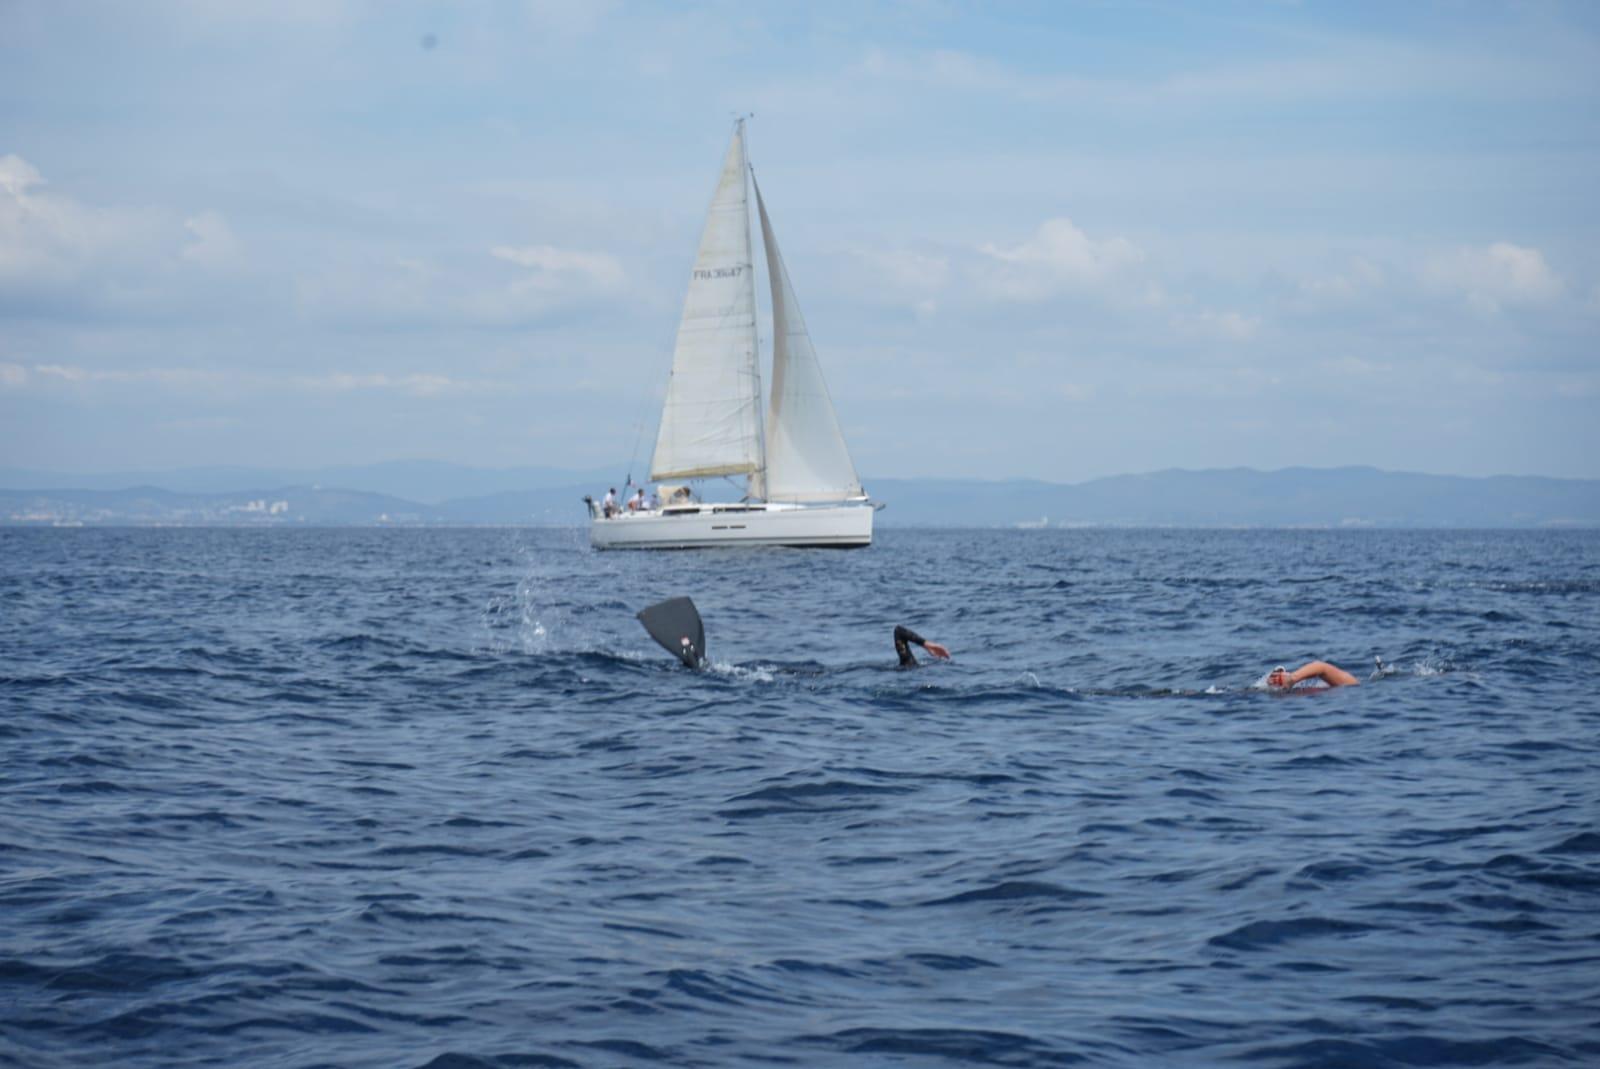 Andy Cabrera Avila encadré par des apnéistes de sécurité et suivi de près par divers embarcations. © Solène Chevreuil